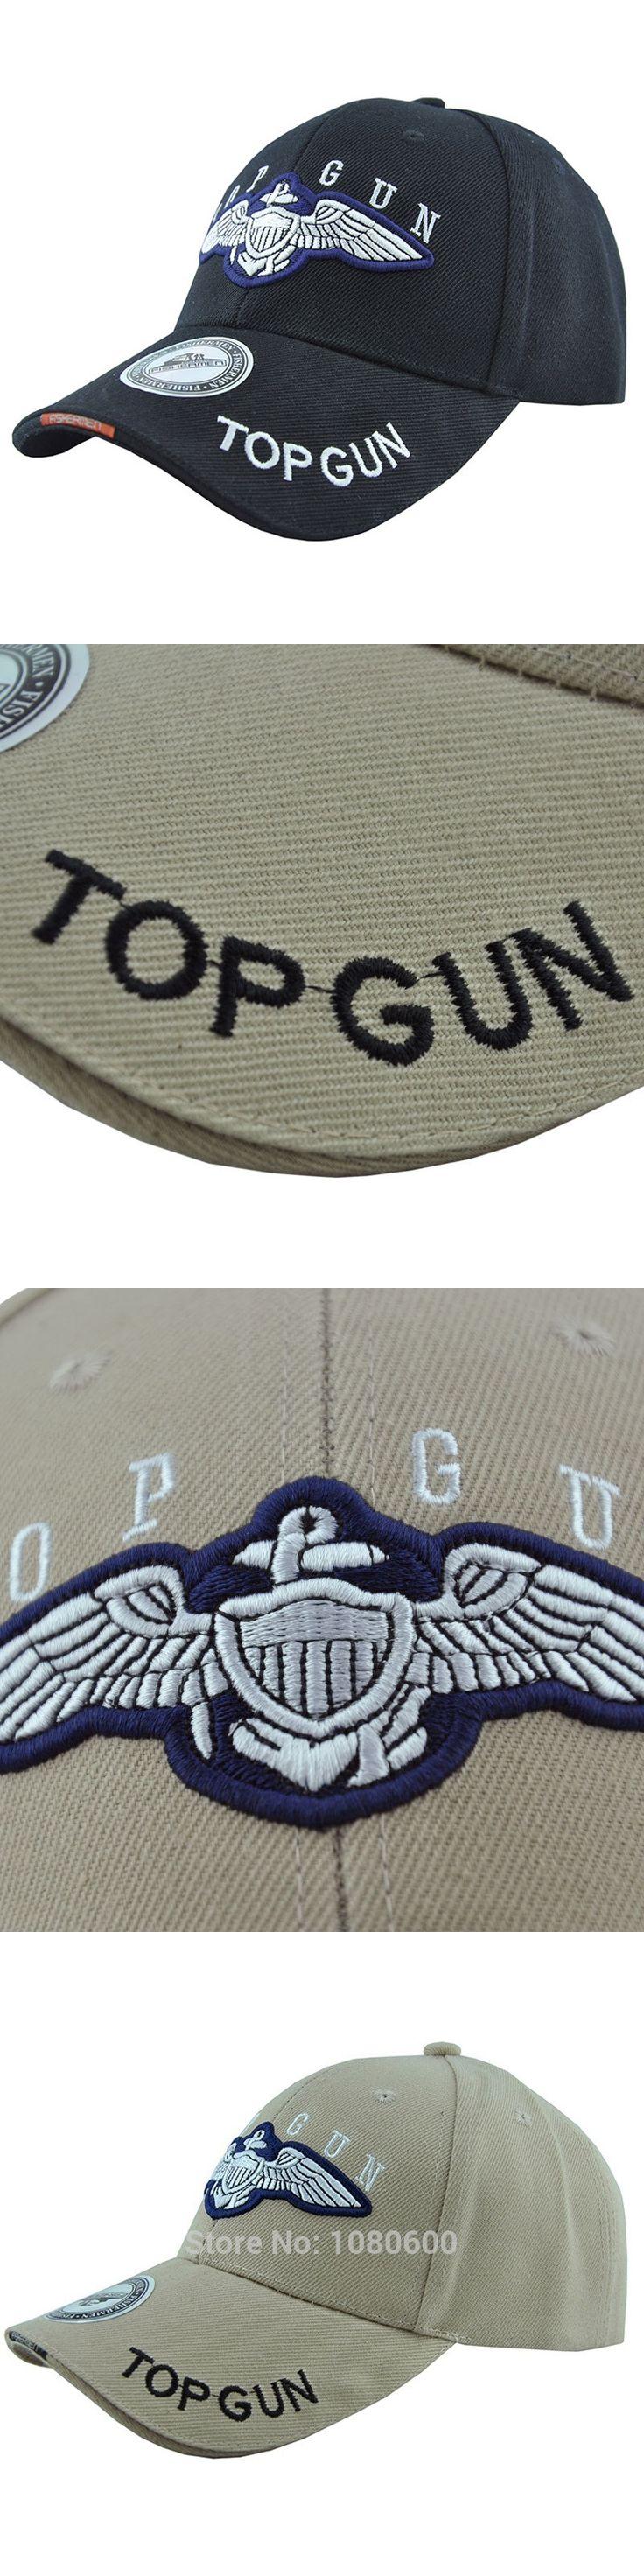 wholesale  us army Secret Service cotton hat baseball caps